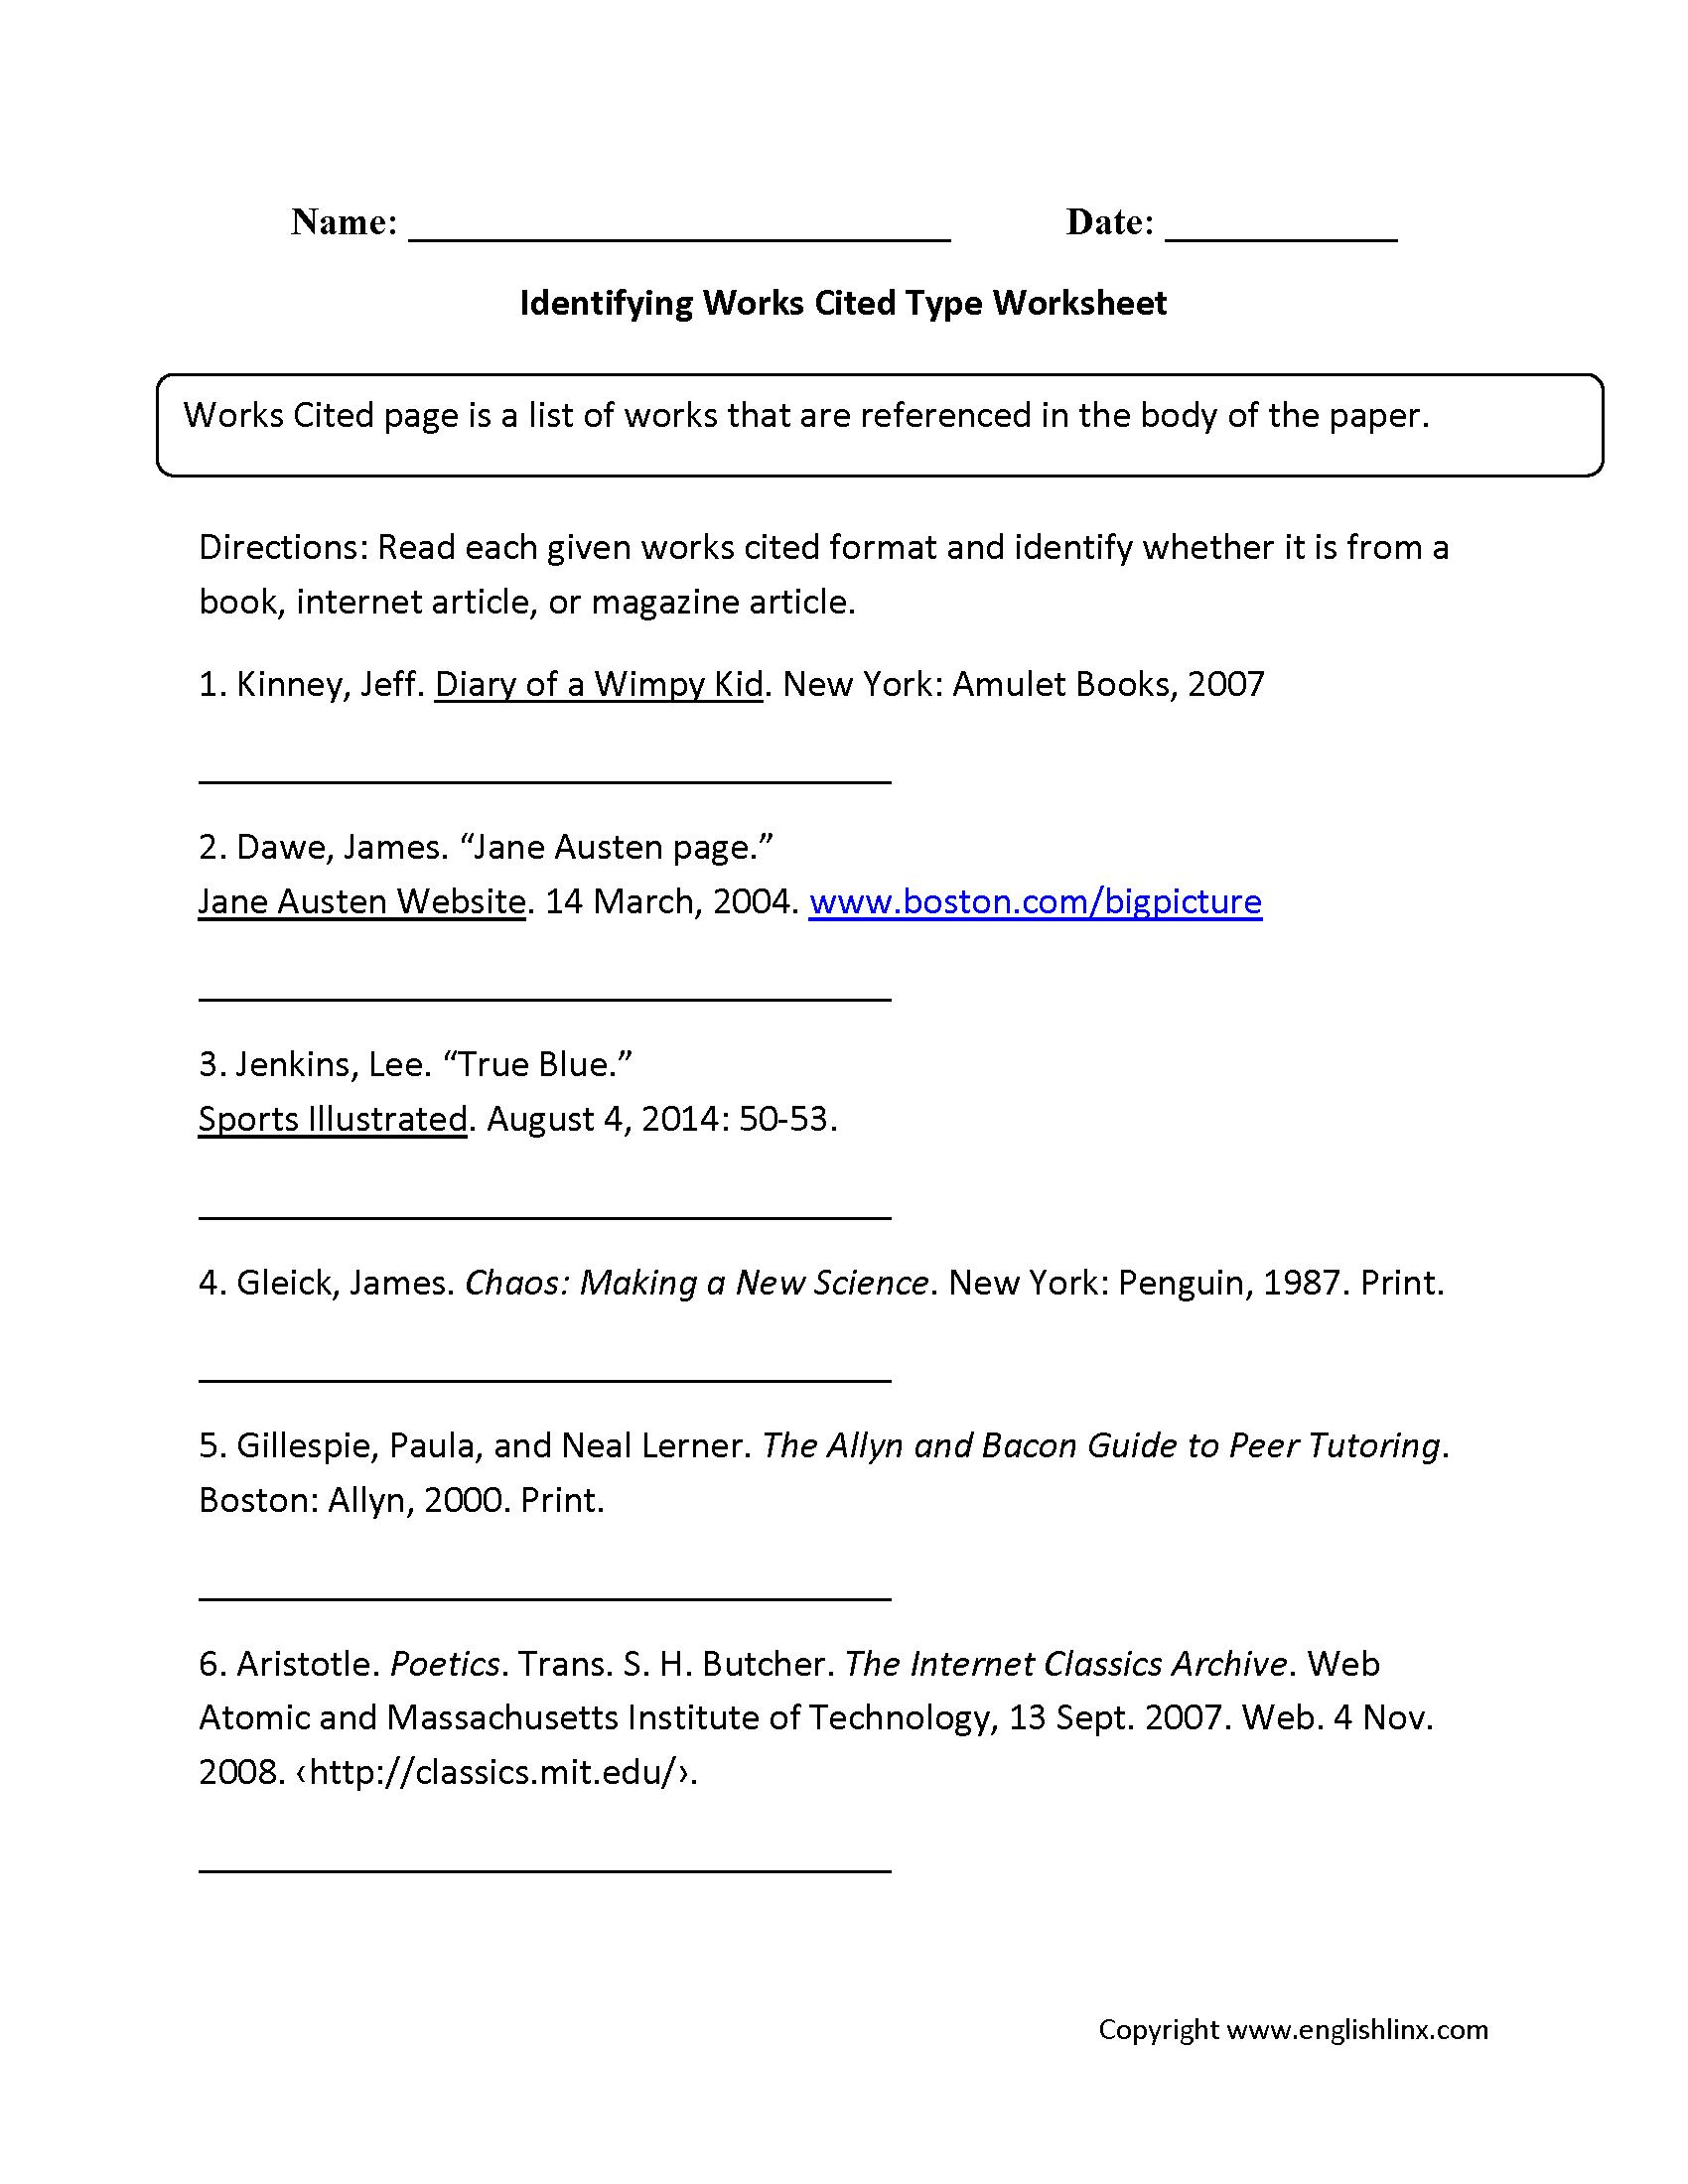 Works Cited Worksheets | Identifying Works Cited Worksheet